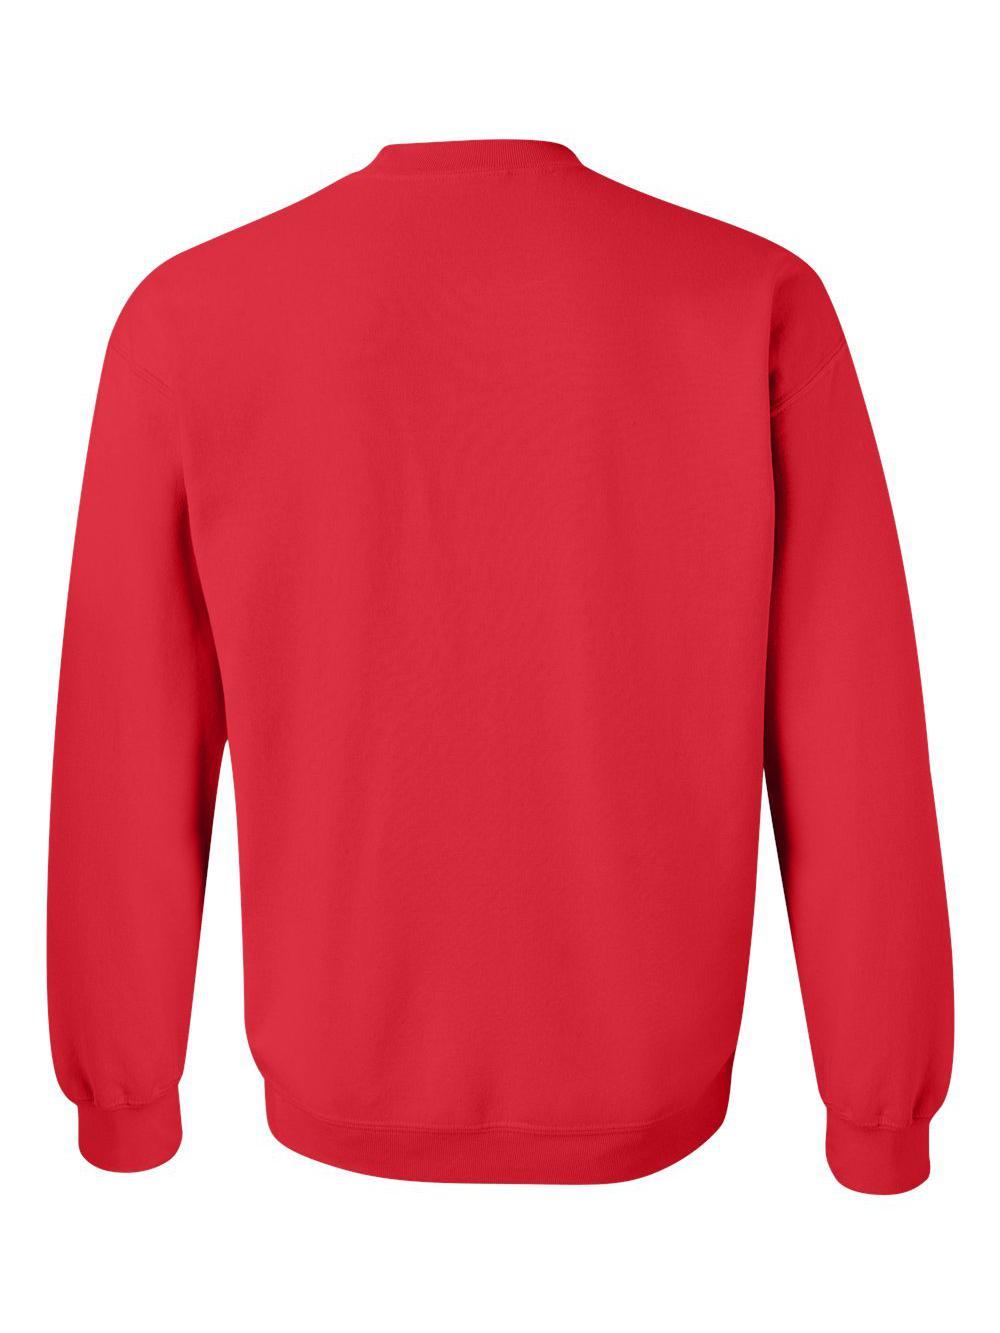 Gildan-Heavy-Blend-Crewneck-Sweatshirt-18000 thumbnail 91